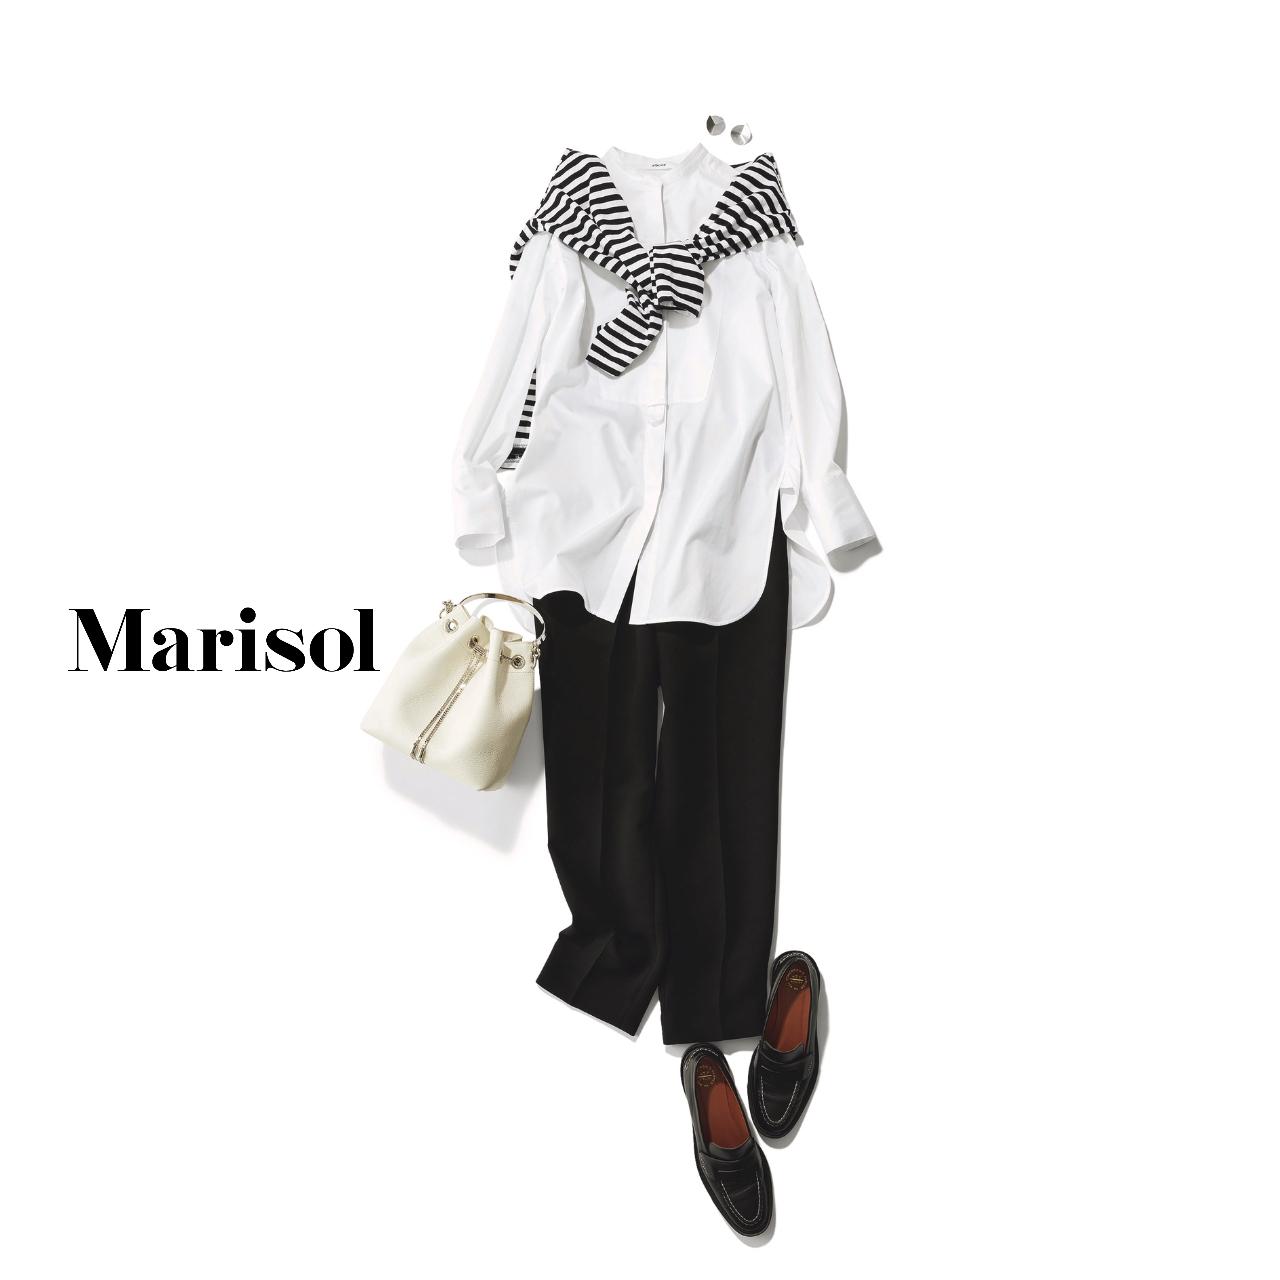 40代ファッション 肩がけボーダー×白シャツ×黒パンツコーデ